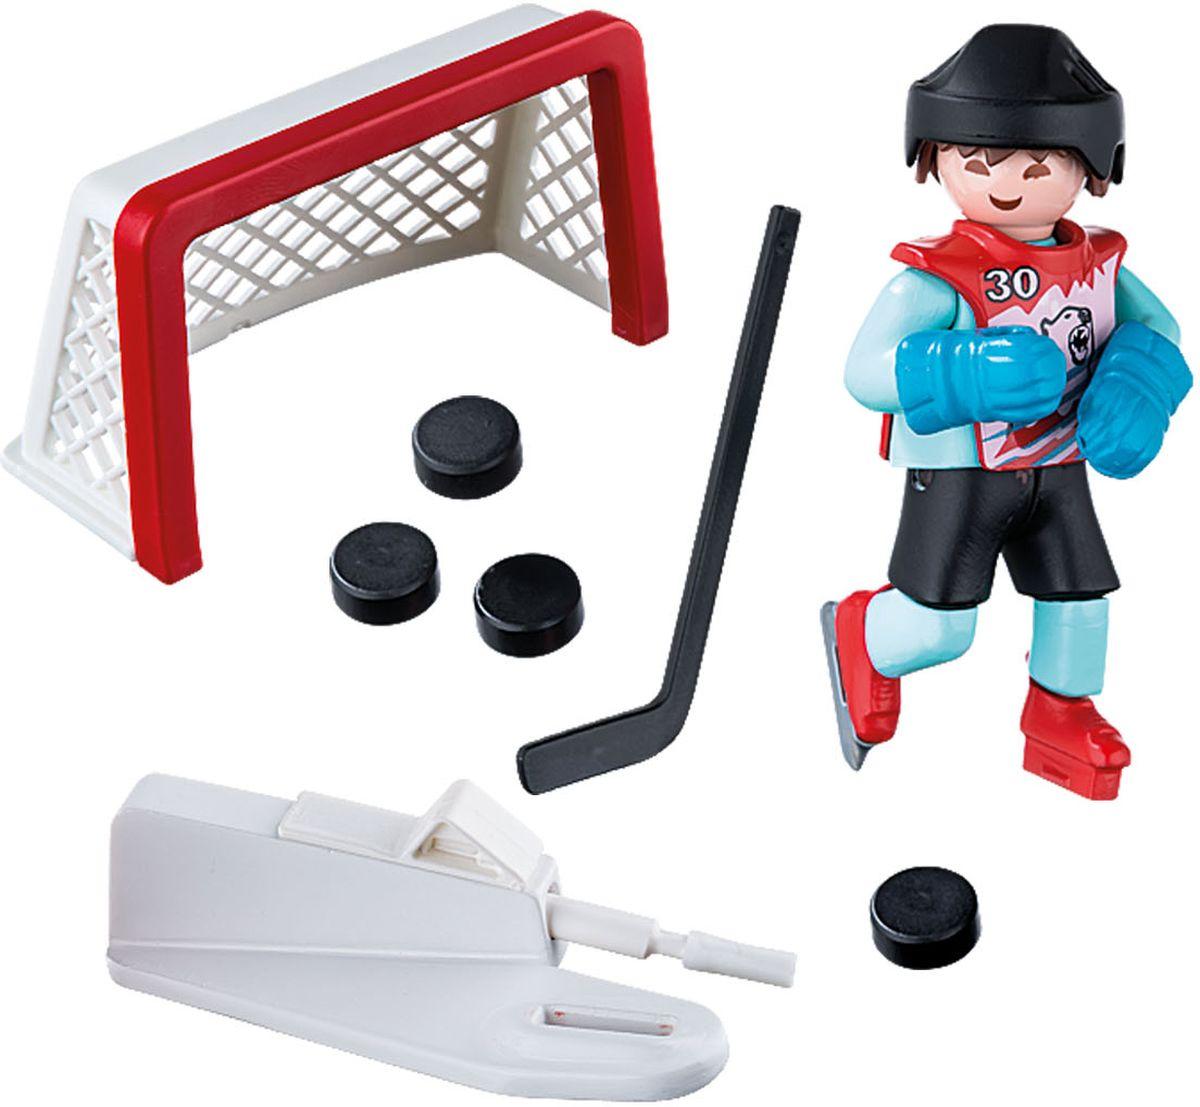 Playmobil Игровой набор Тренировка хоккей